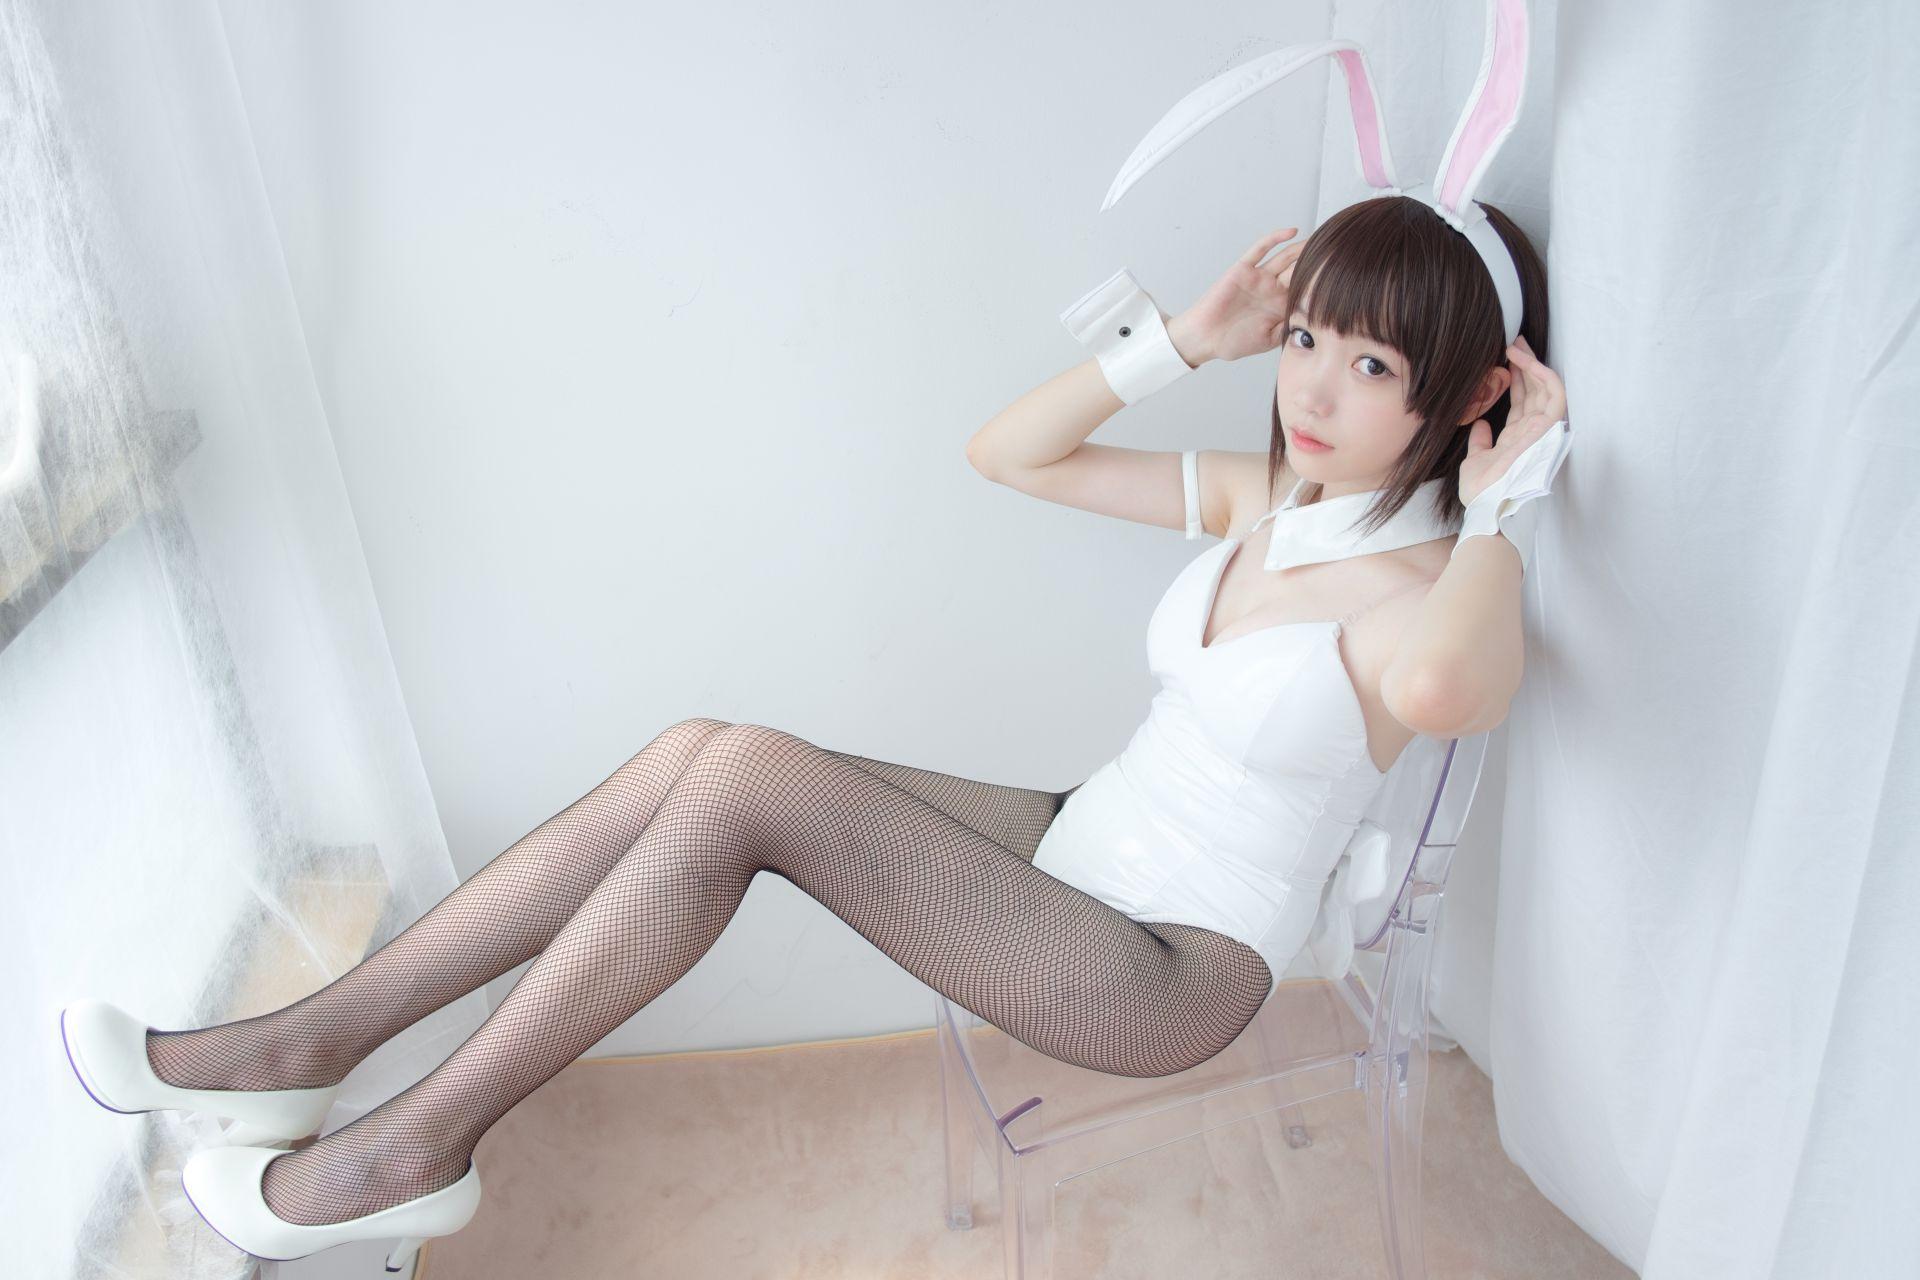 【森萝财团】森萝财团写真 - LOVEPLUS-001 黑丝网袜兔女郎 [148P2V-3.22GB] LOVEPLUS系列 第2张